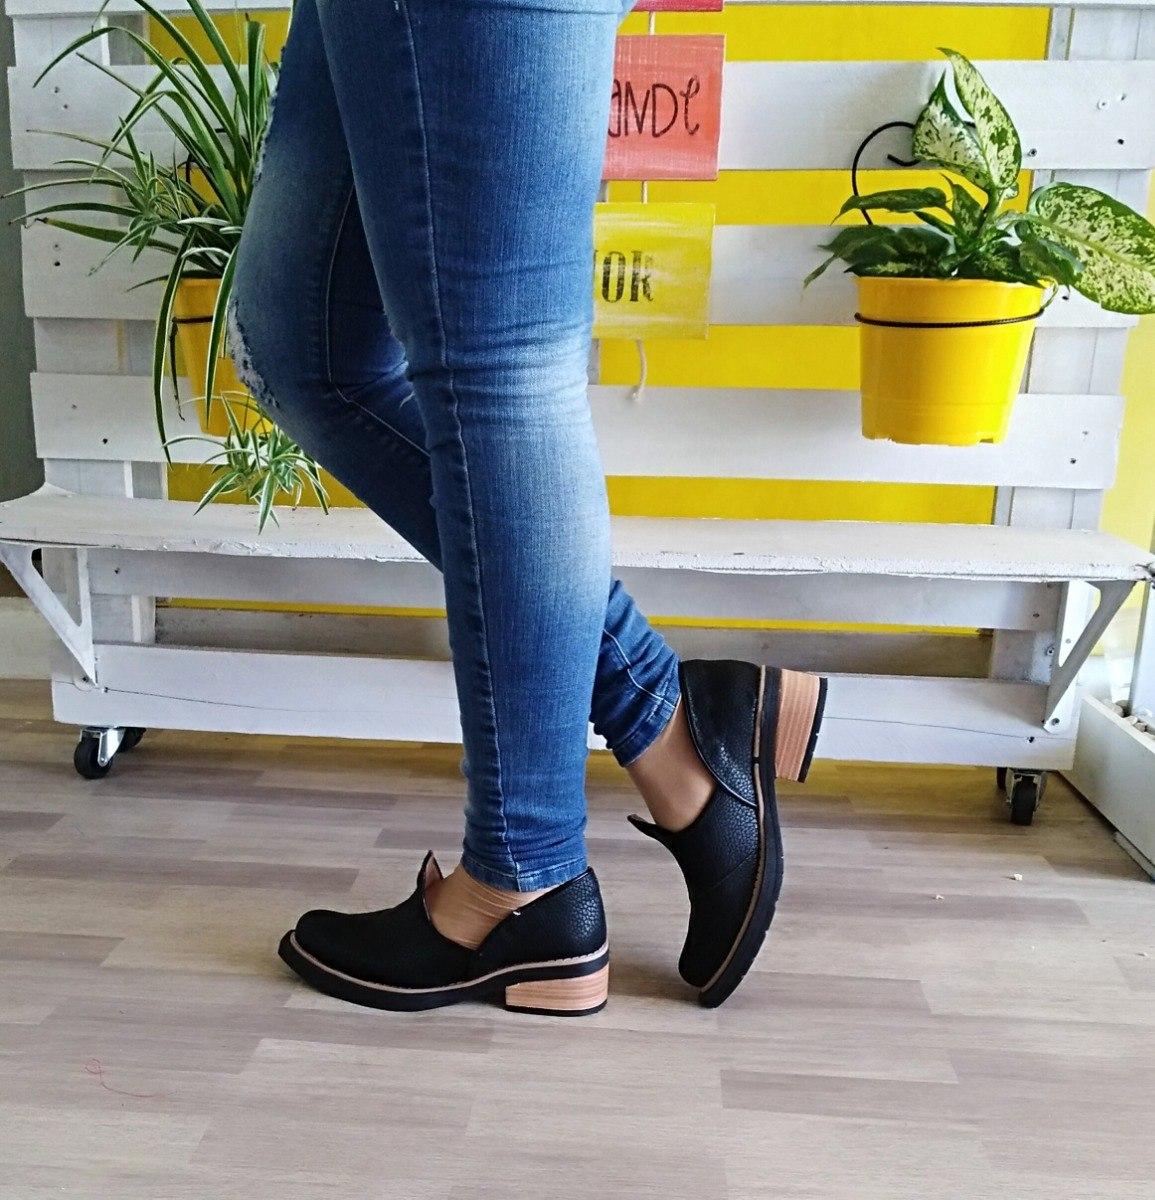 Primavera Zoom Mujer Nuevos Zapatos 2018 Cargando Moda YPExqv 3510ef4f9d22b